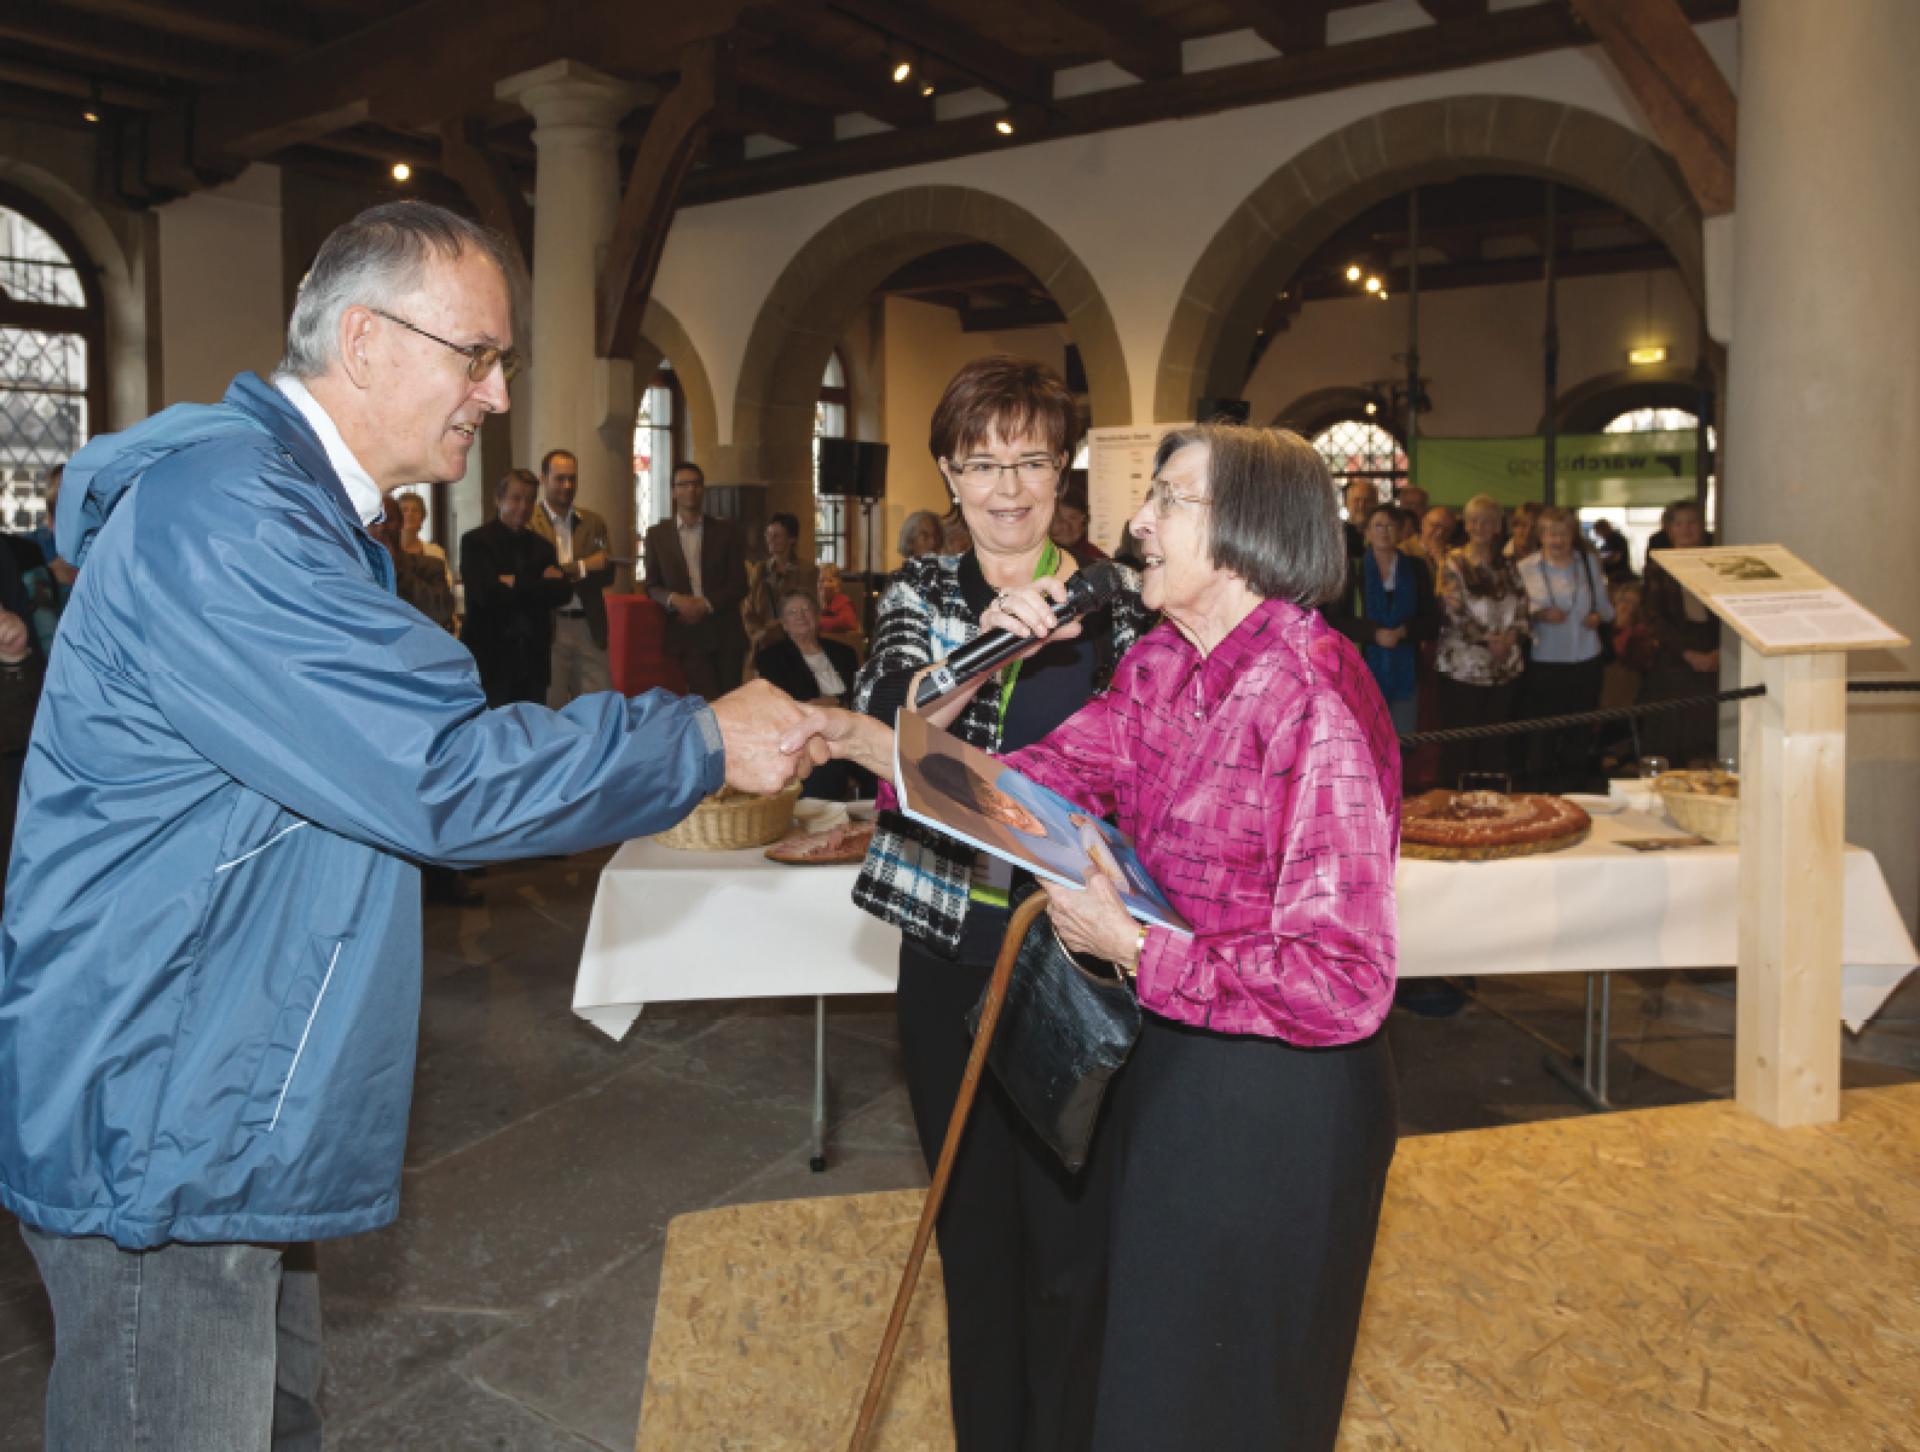 2012 Jubiläumsausstellung.50 Jahre Wärchbrogg – das Jubiläum ist im September 2012 Anlass für eine Ausstellung in der Kornschütte Luzern. Während vier Tagen gibt die Wärchbrogg Einblick in ihre Tätigkeiten.